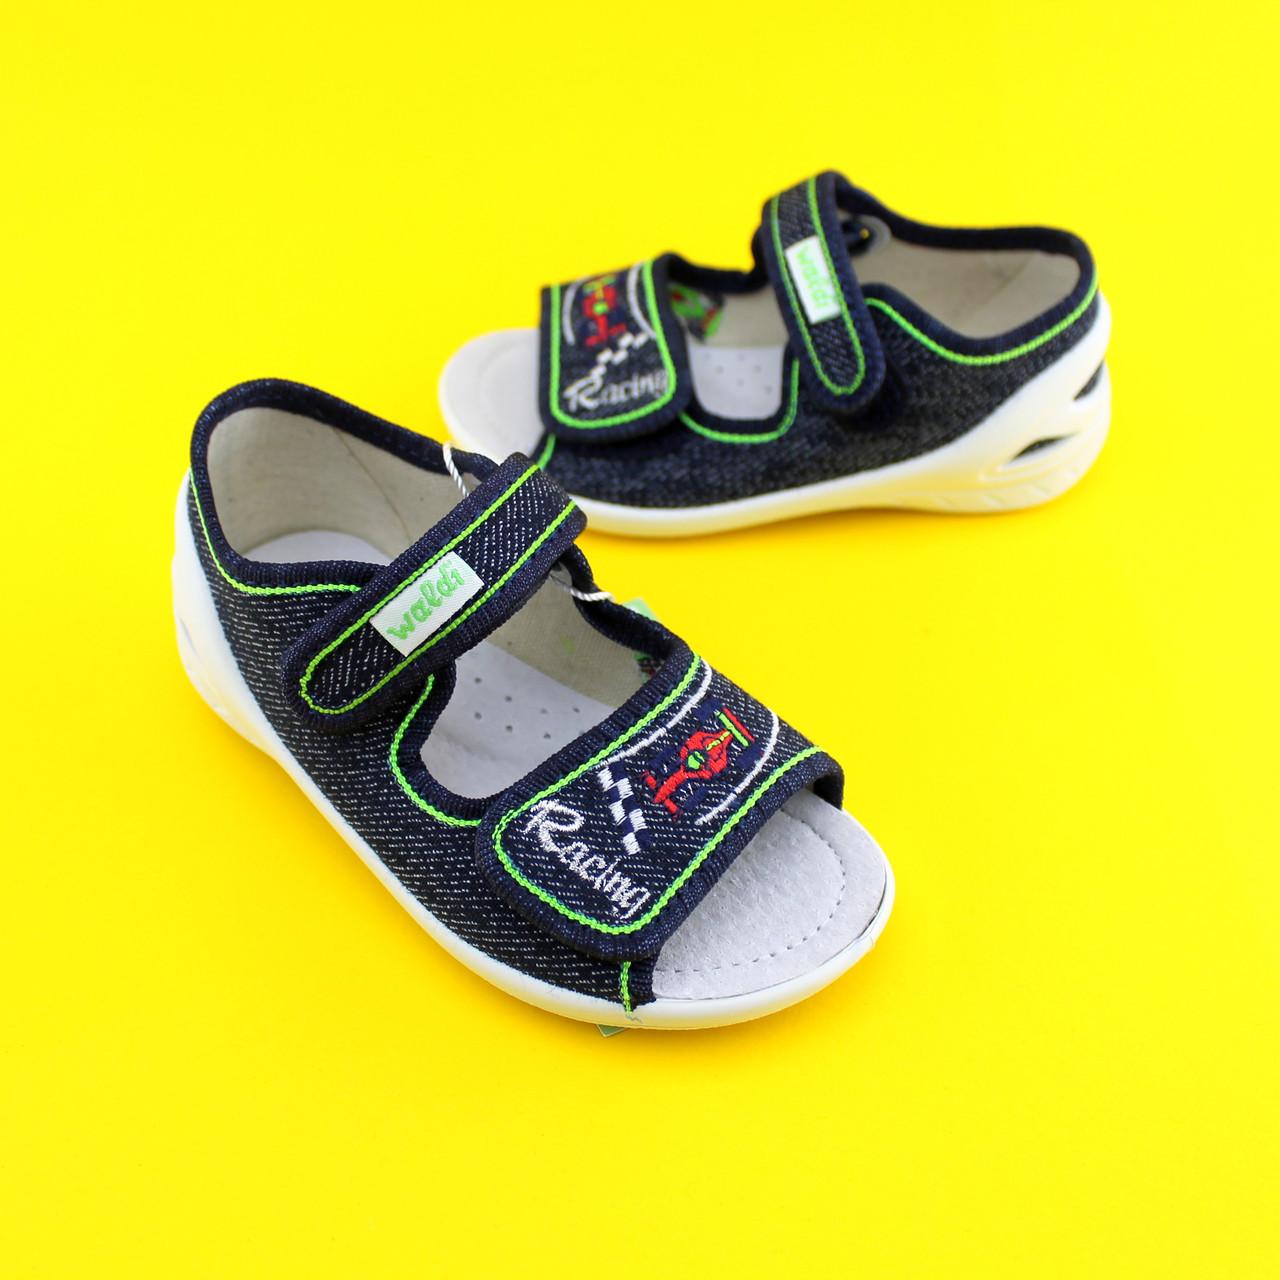 4326e2f7 Купить Текстильнsе босоножки на мальчика польскую летнюю обувь тм 3F ...